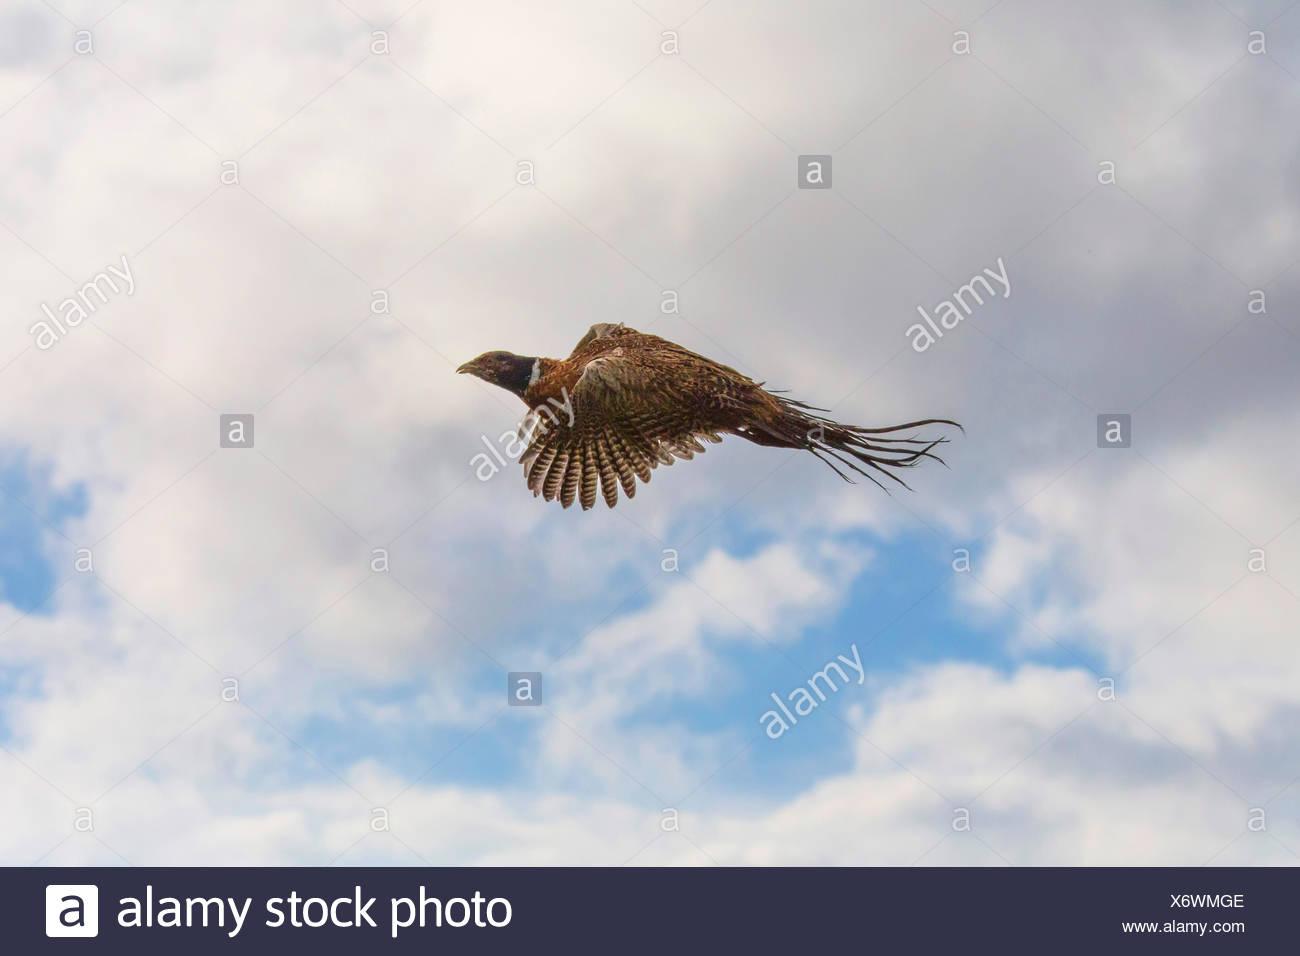 Il fagiano comune, Caucaso, Fagiano Fagiano caucasico (Phasianus colchicus), volare nel cielo, in Germania, in Baviera, Niederbayern, Bassa Baviera Immagini Stock